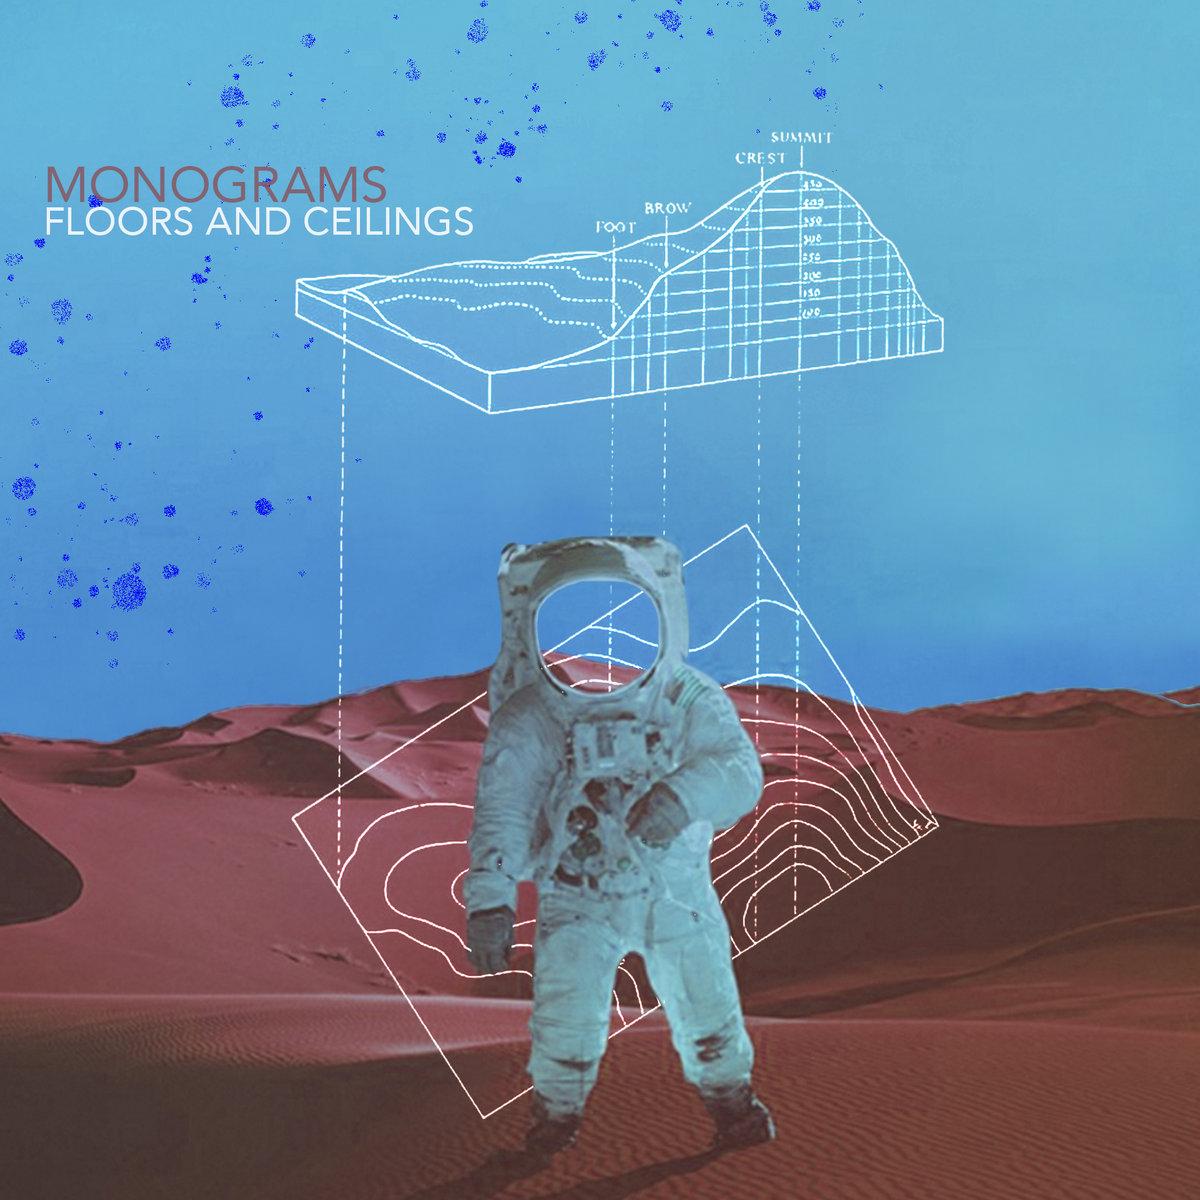 Monograms - Floors and Ceilings EP